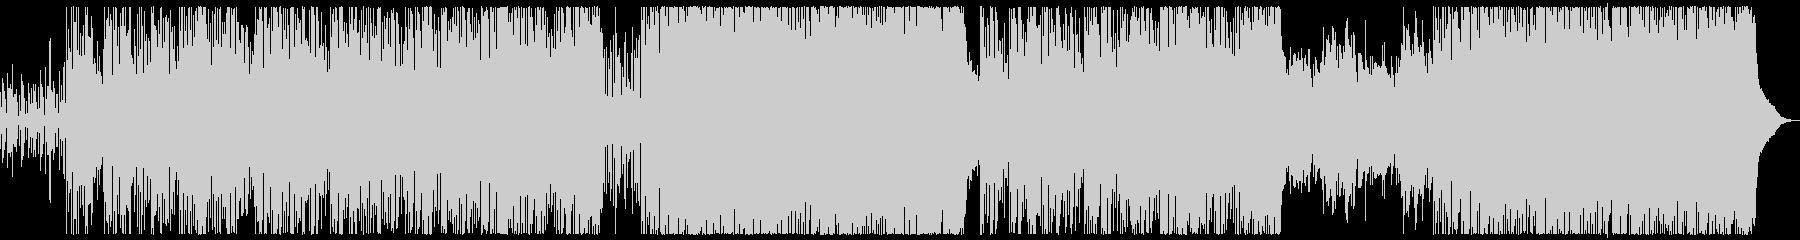 ピアノとパッド中心の透明感のある感動系の未再生の波形